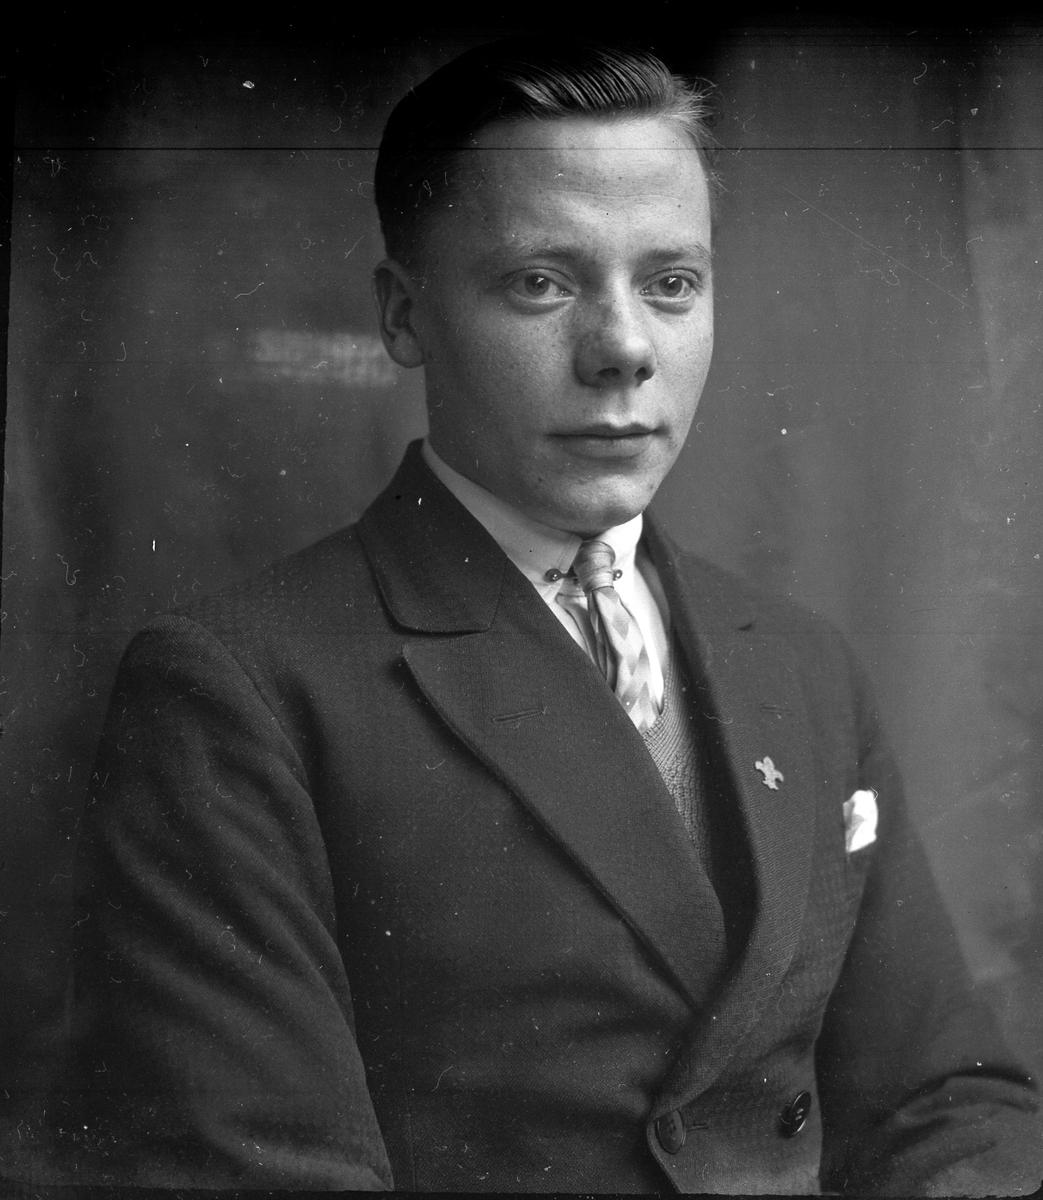 """Porträtt av en ung man med slips, skjorta, väst och kavaj. I fotografens egna anteckningar står det """"Åke Thorsell"""". Tolkat som Åke Gustaf Kristian Thorsell (f. 1911)."""